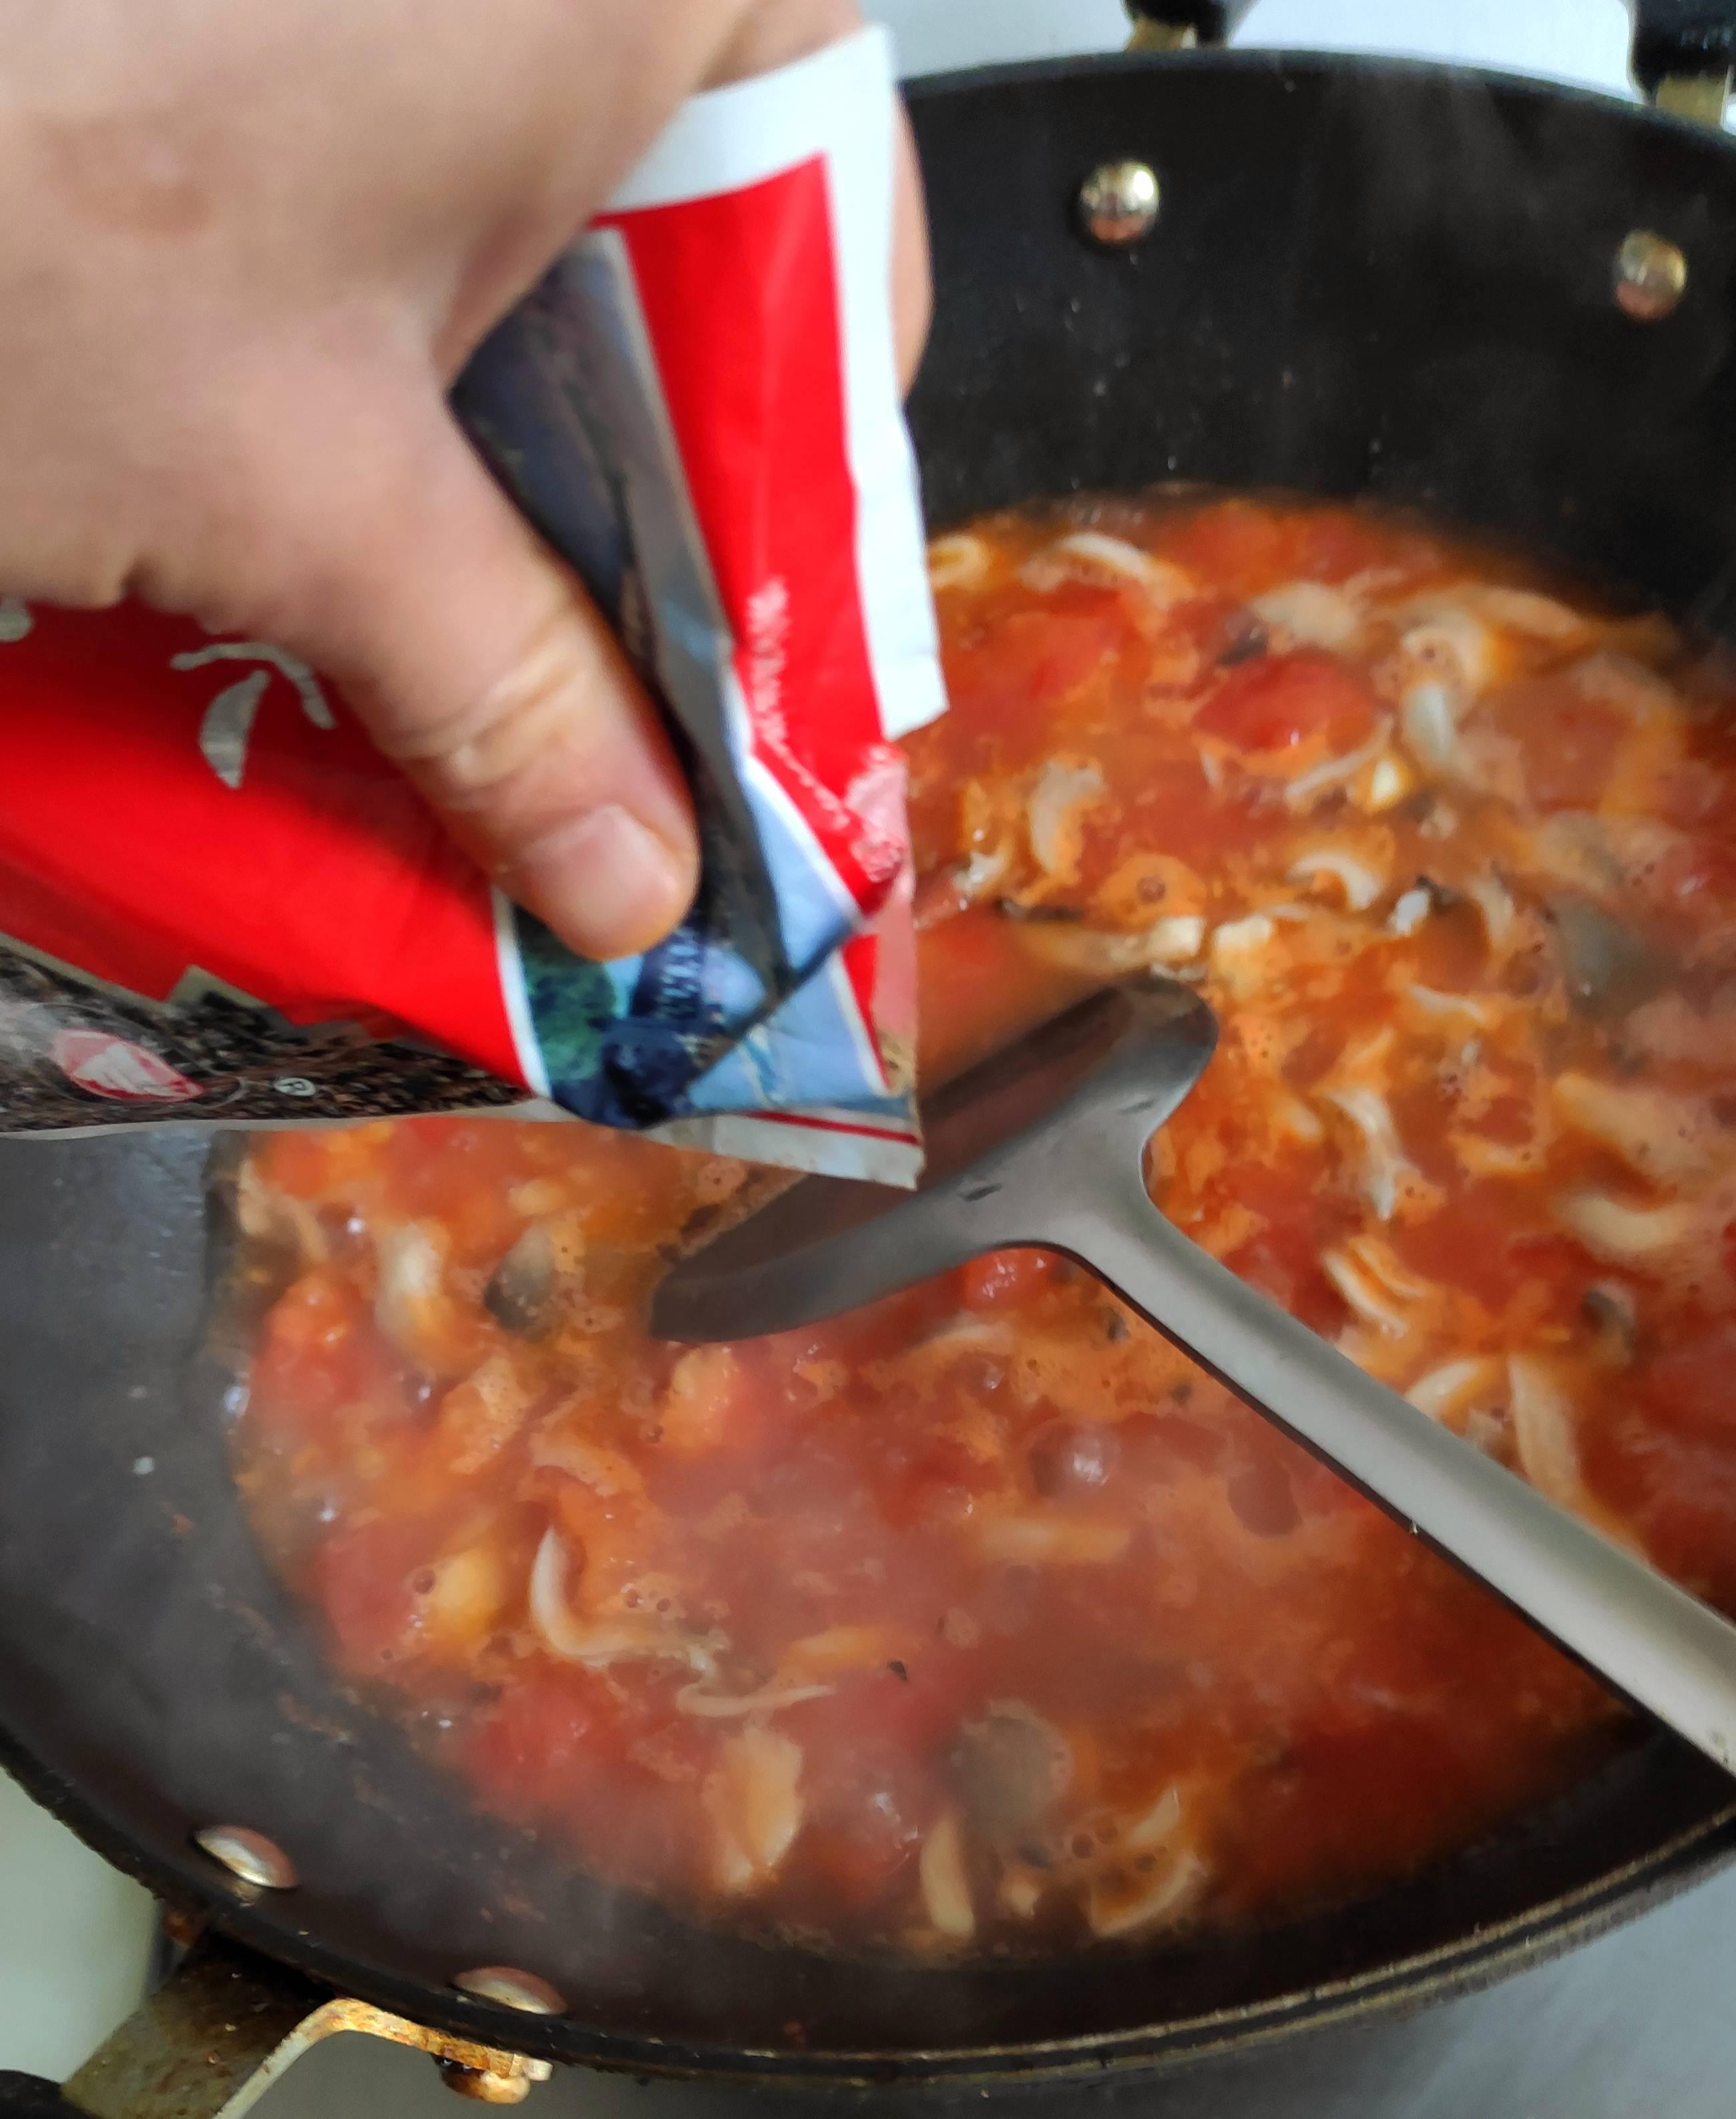 酸酸的番茄怎么炒